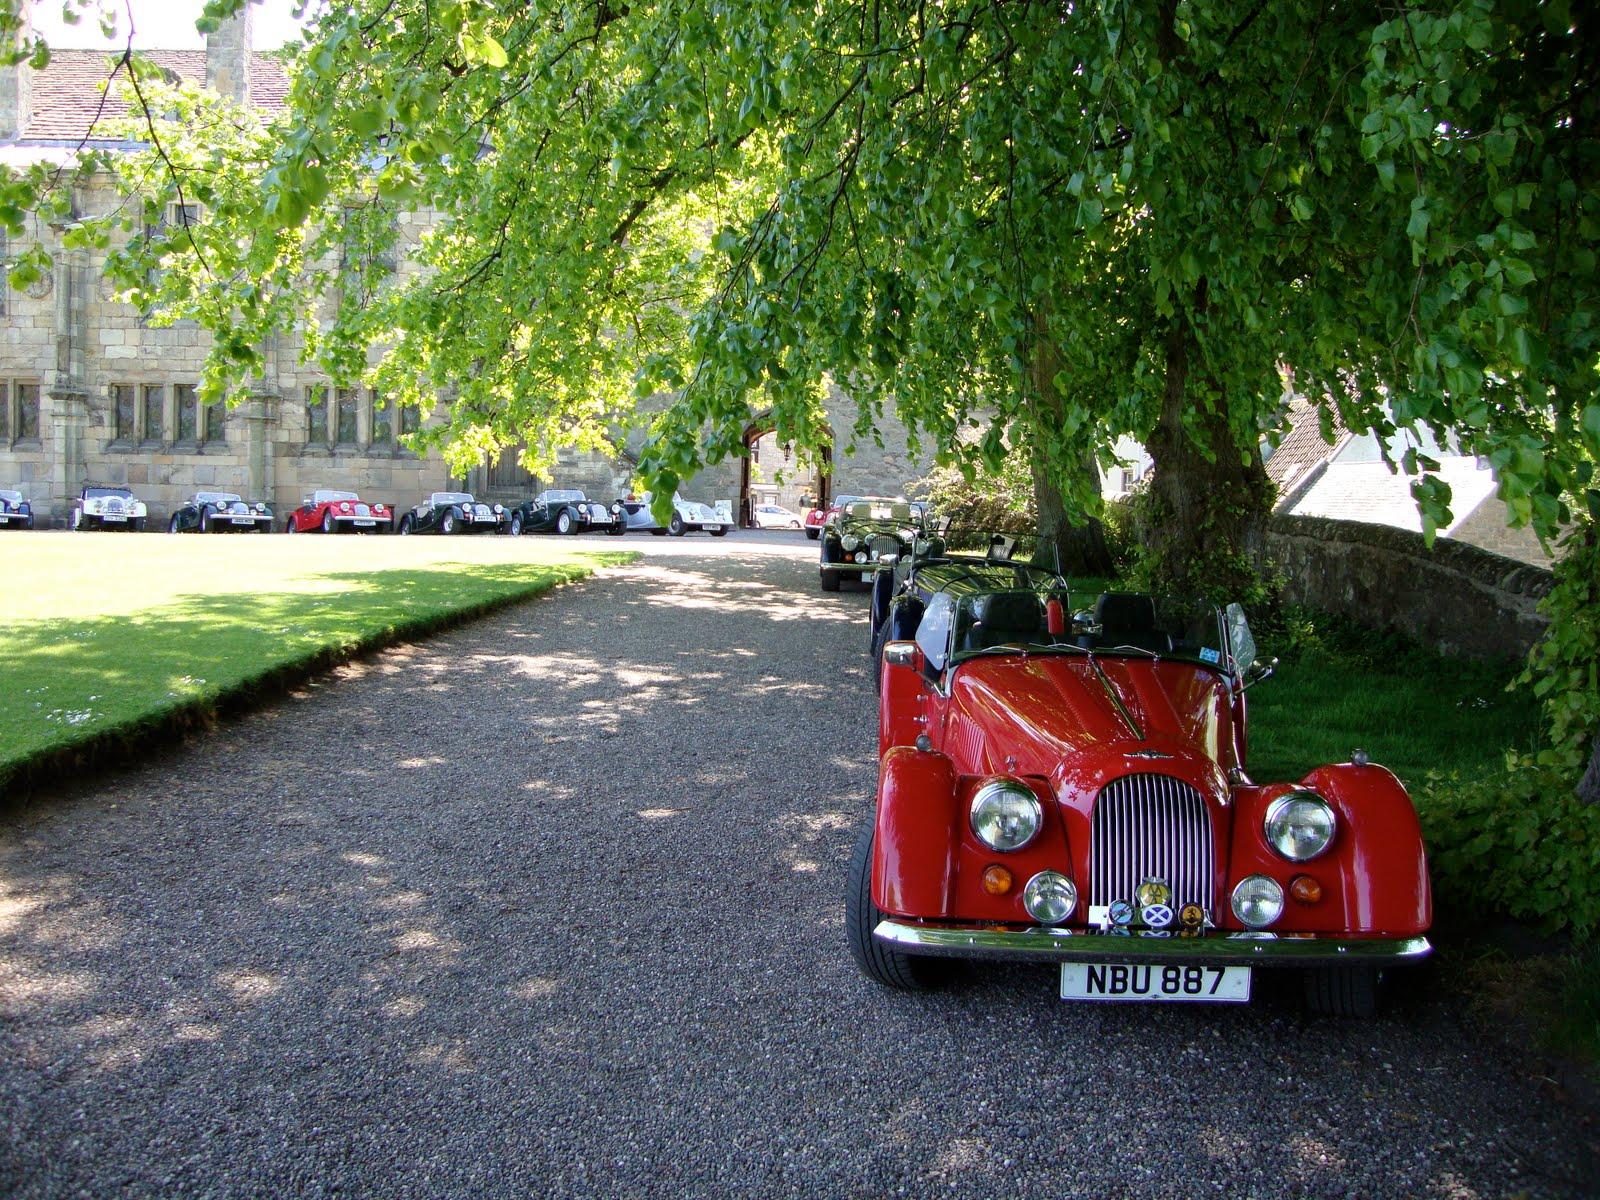 1940 Morgan Cars